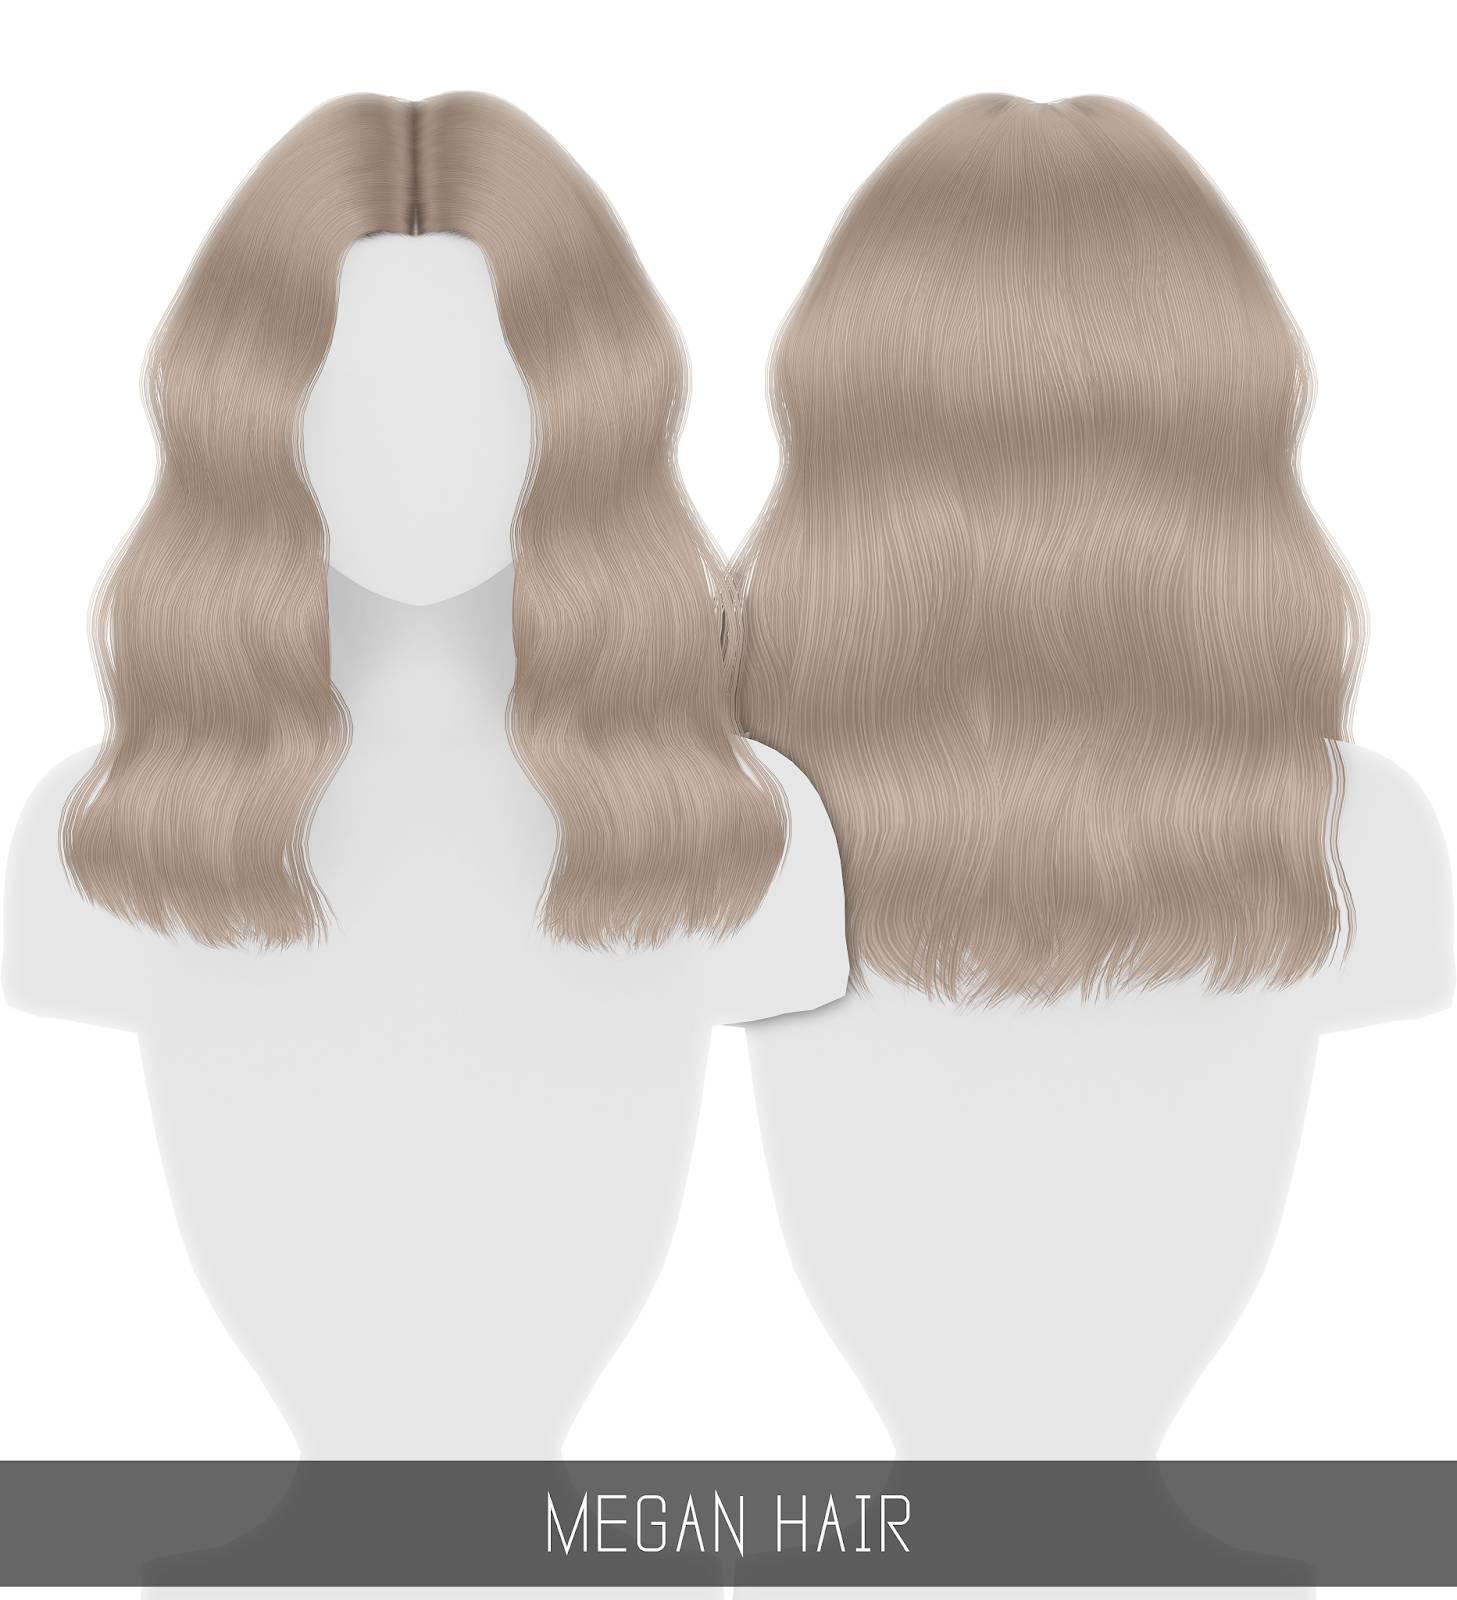 Прическа для женщин, девочек и малышек - MEGAN HAIR